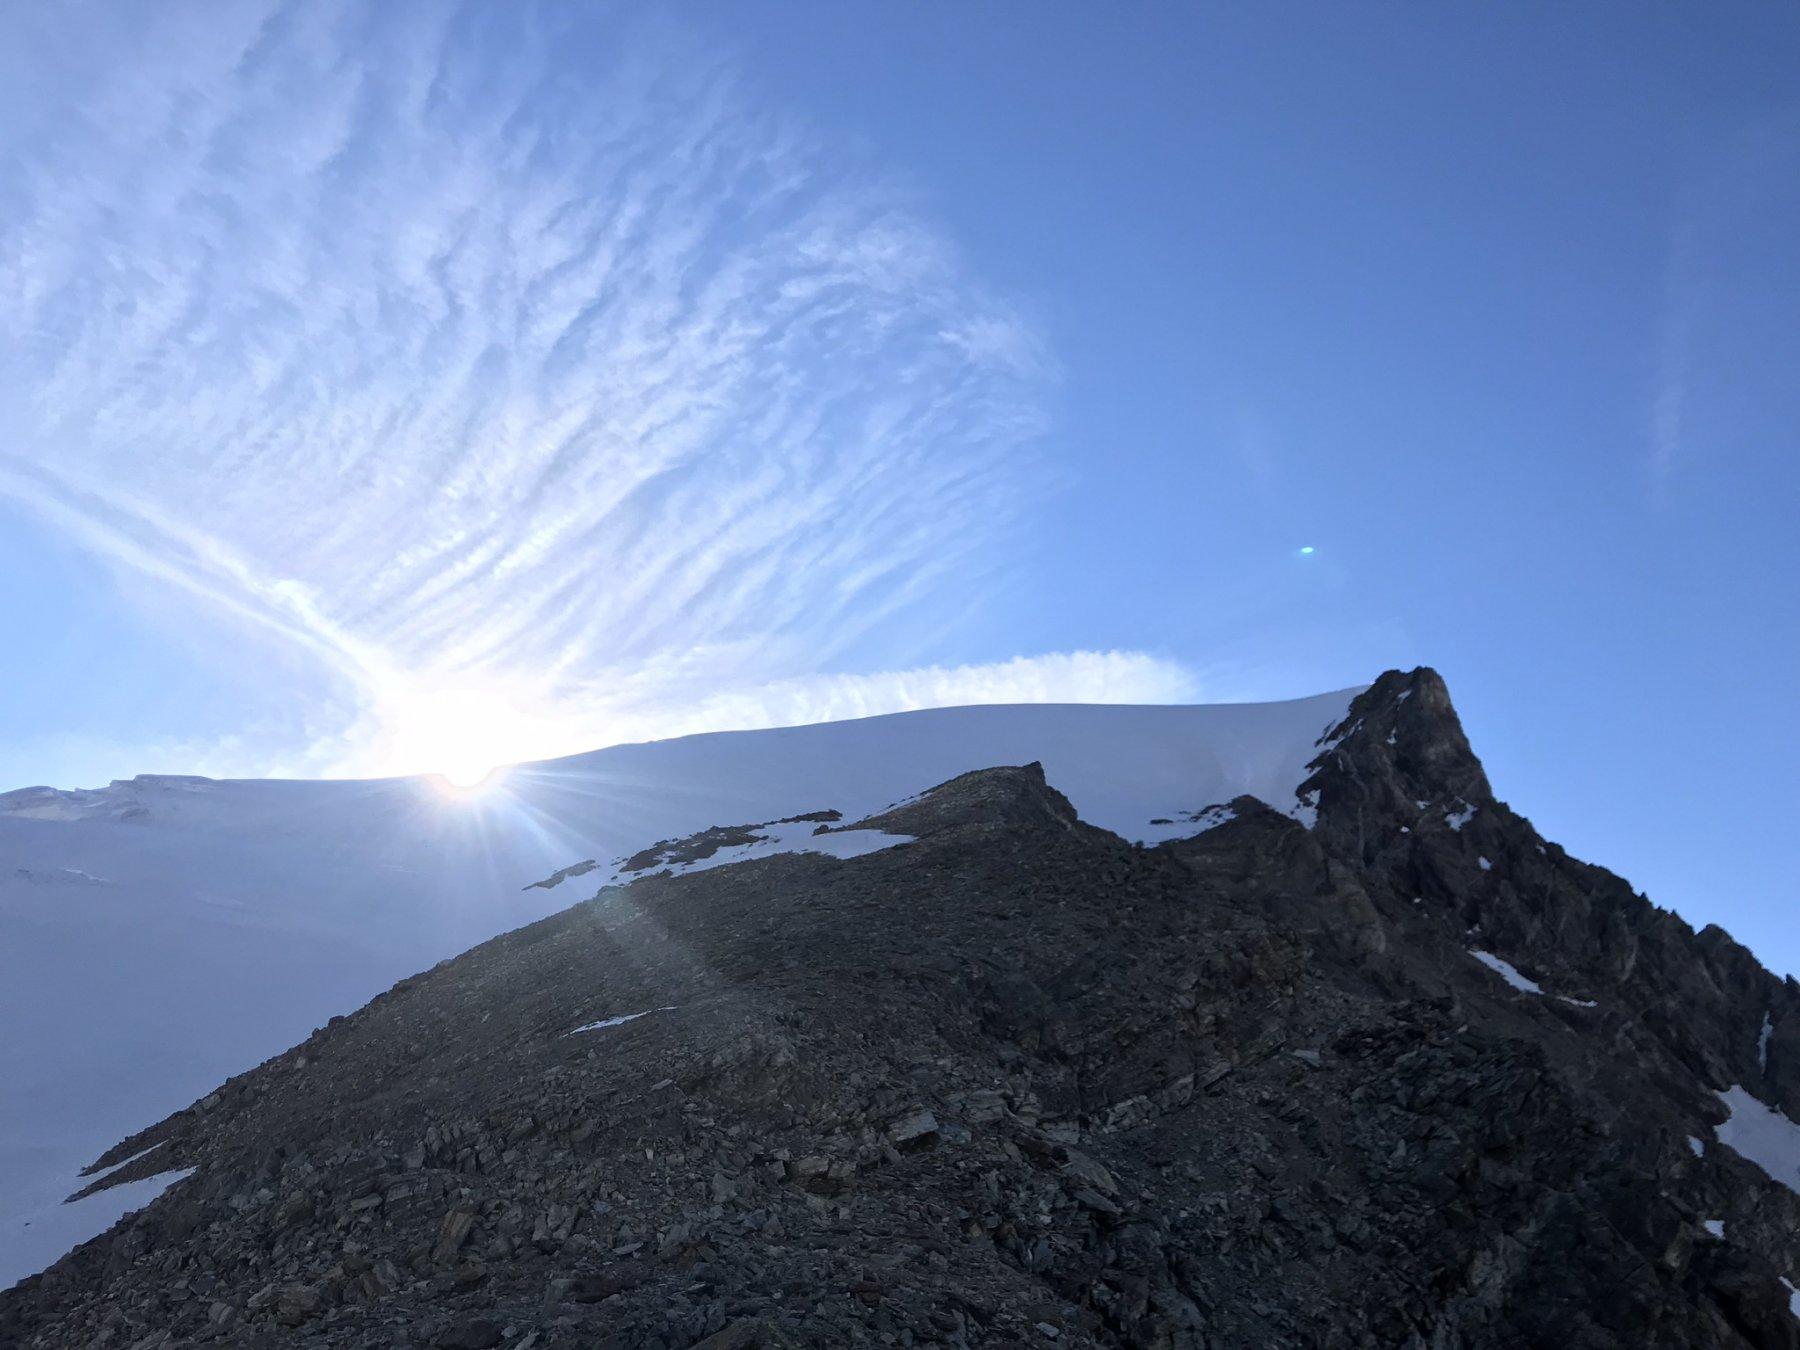 Il sole illumina il ghiacciaio al suo sorgere